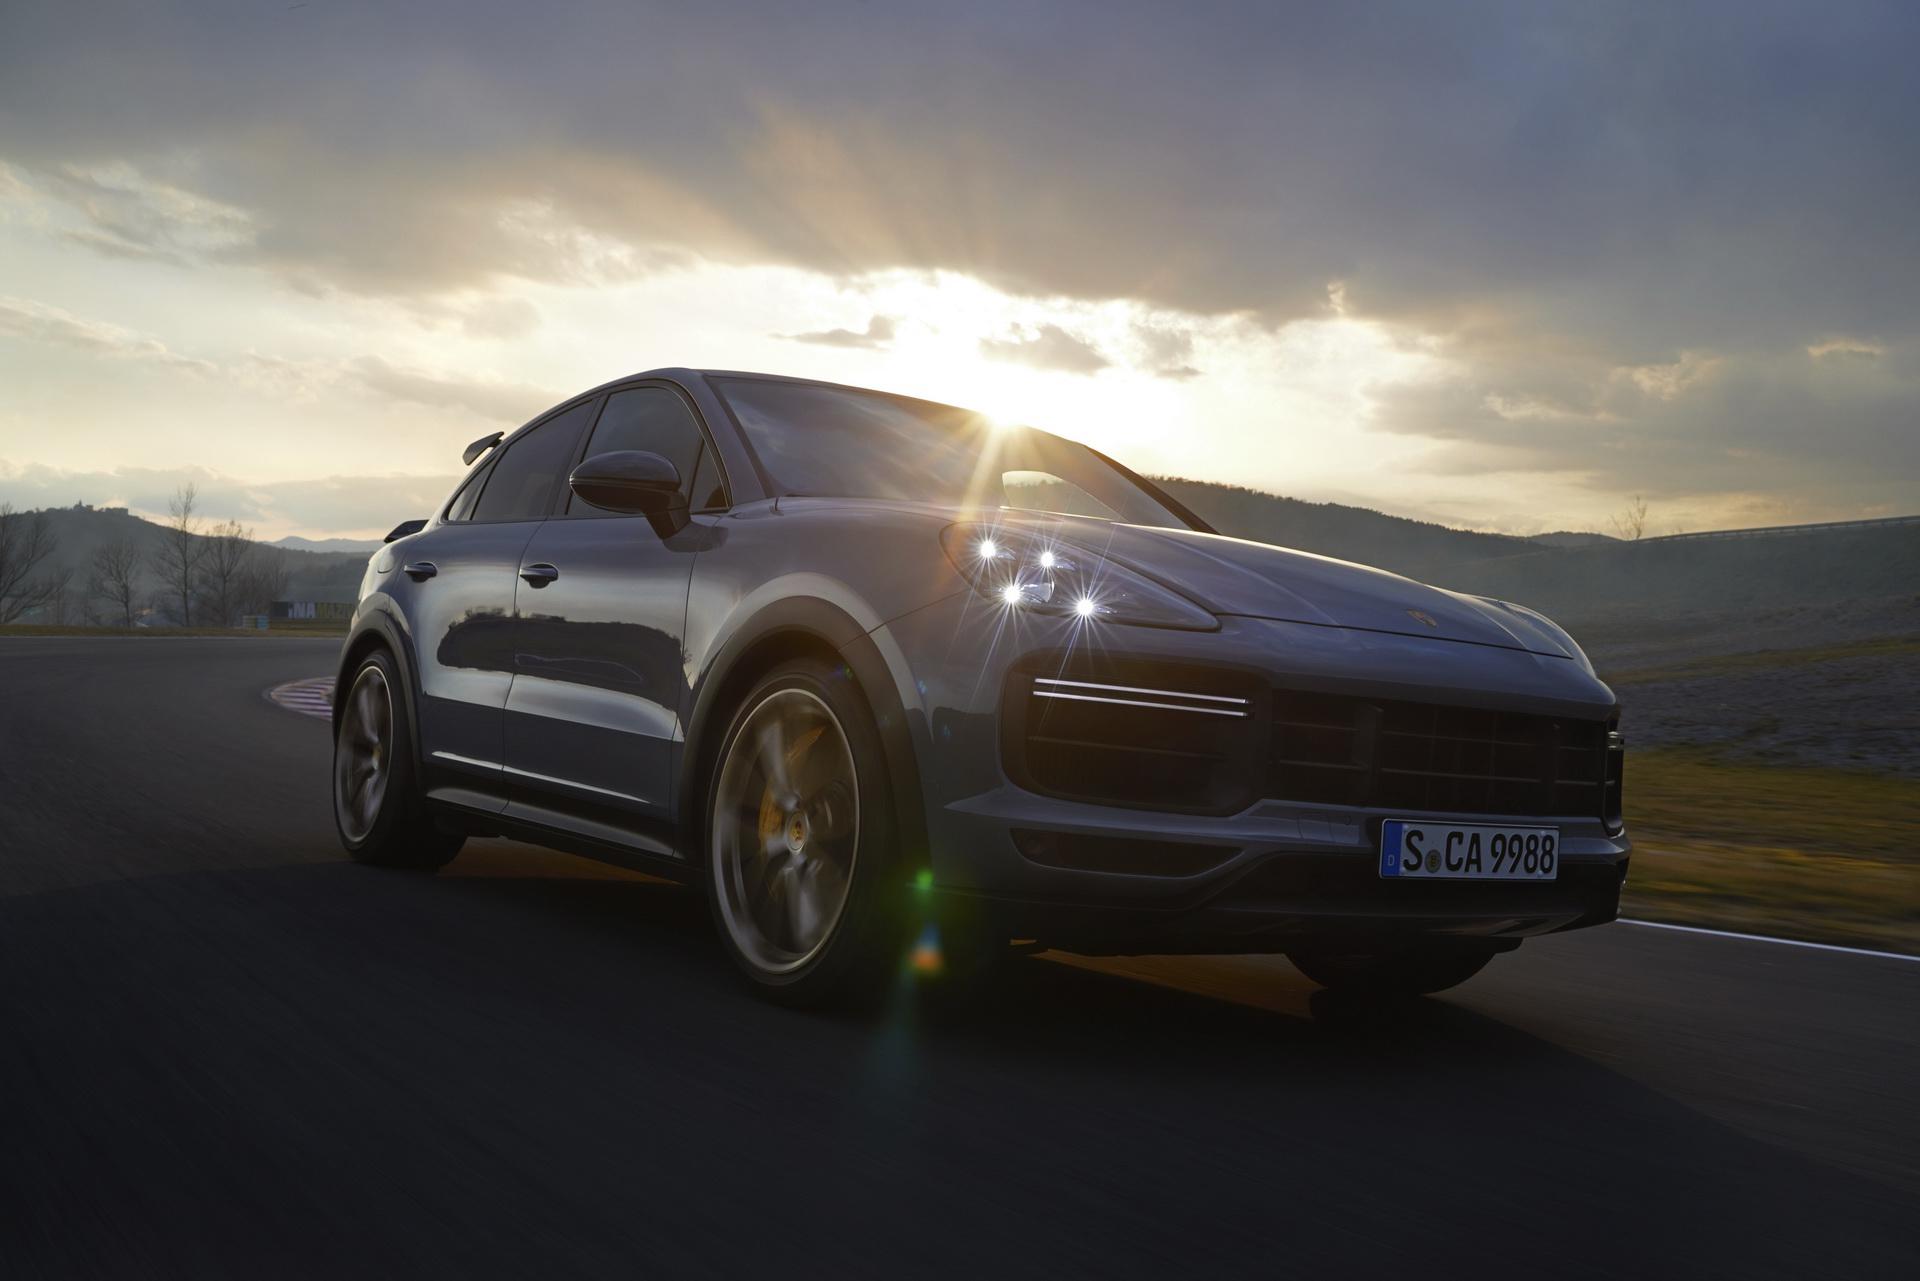 Νέα Porsche Cayenne Turbo GT: Με 640 άλογα και άγρια εμφάνιση (video)